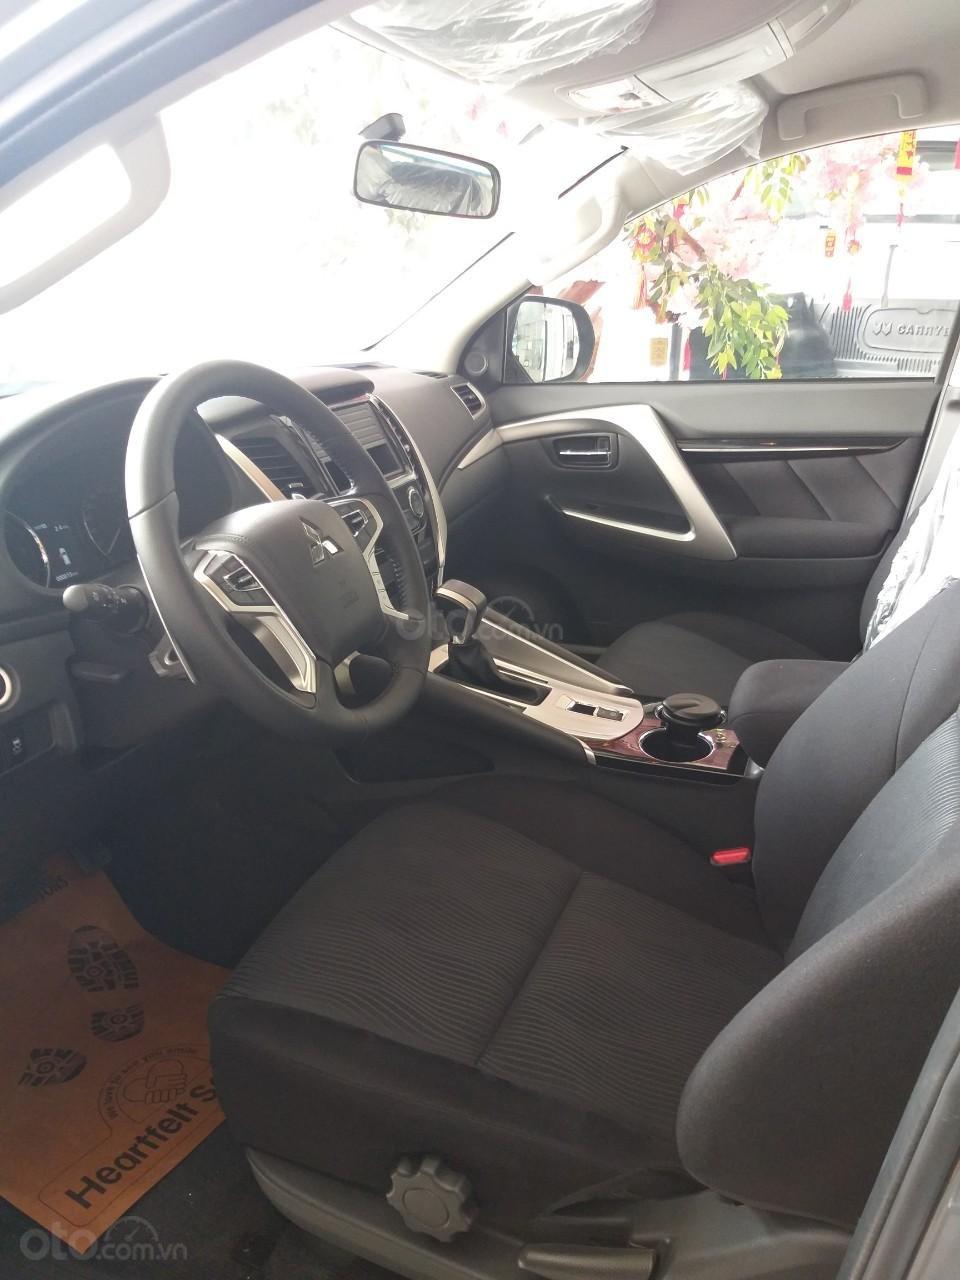 Bán xe Mitsubishi Pajero Sport sản xuất năm 2019, màu xám (ghi), xe nhập (3)